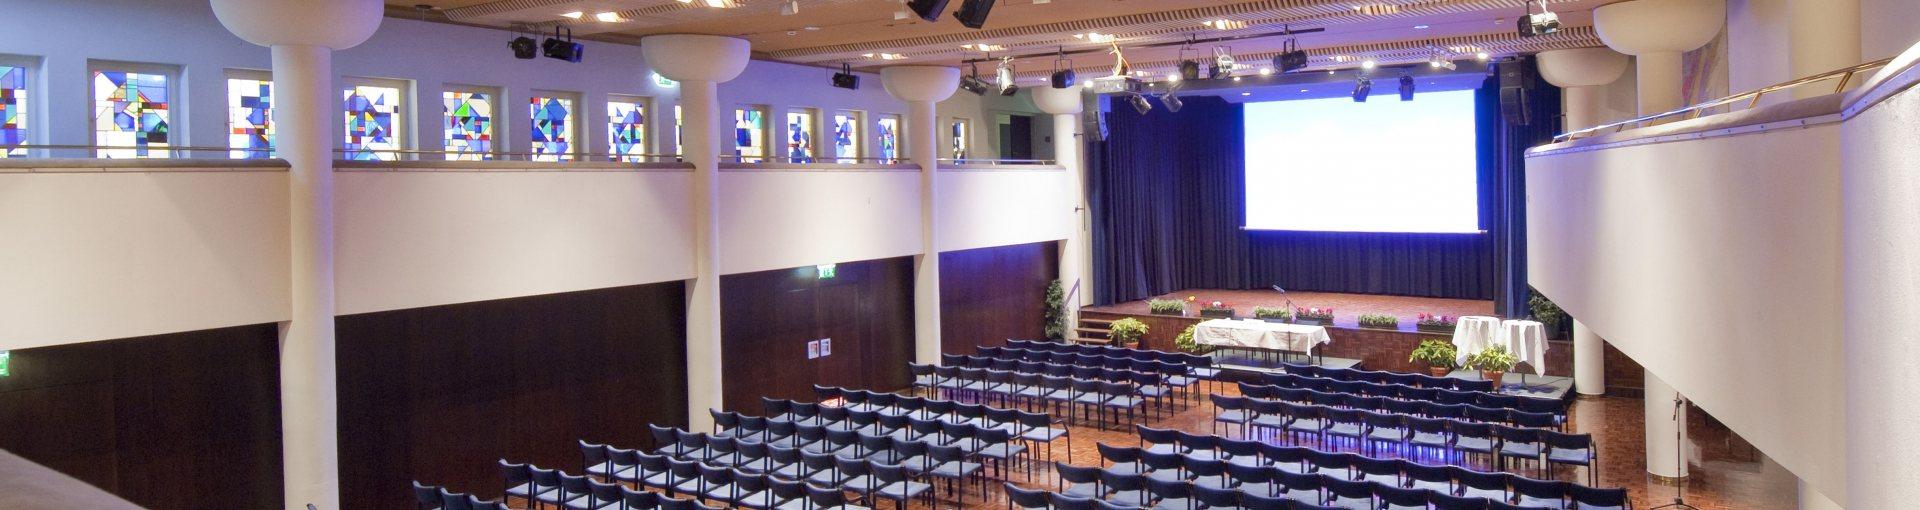 Kurhaus Großer Saal - Salzraum.Hall © Irene Ascher